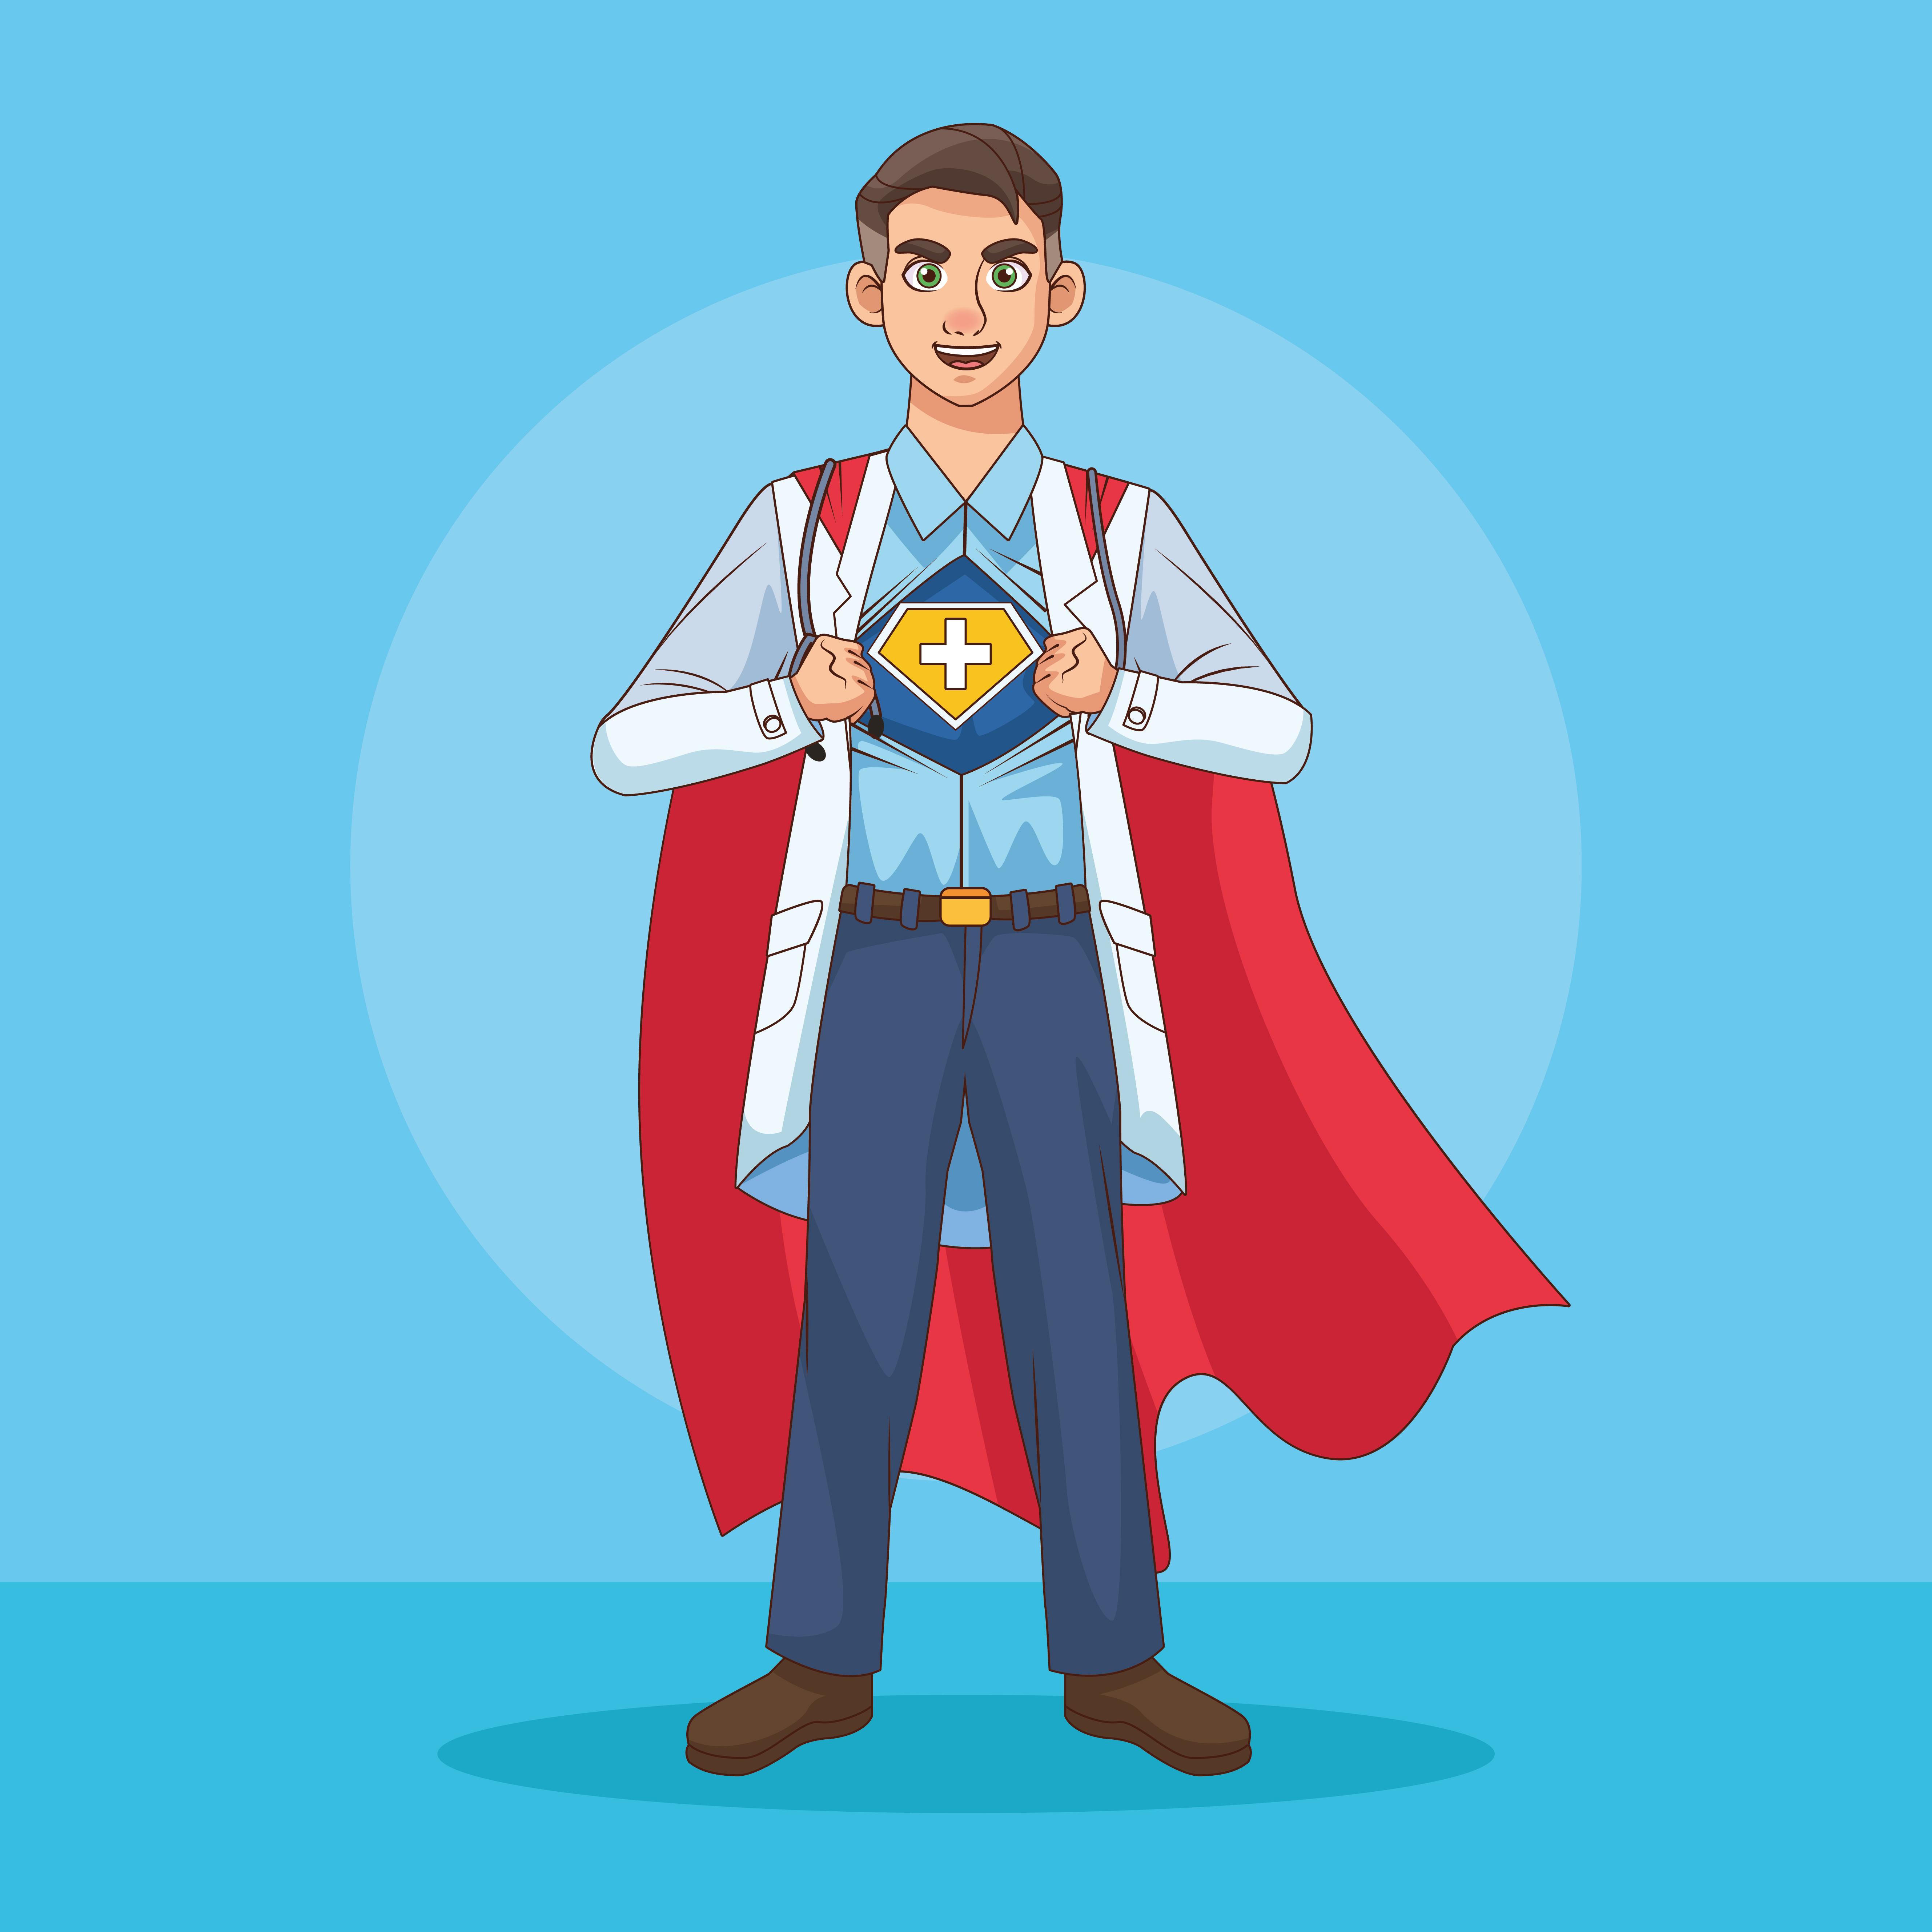 doctor que revela la identidad del superhéroe